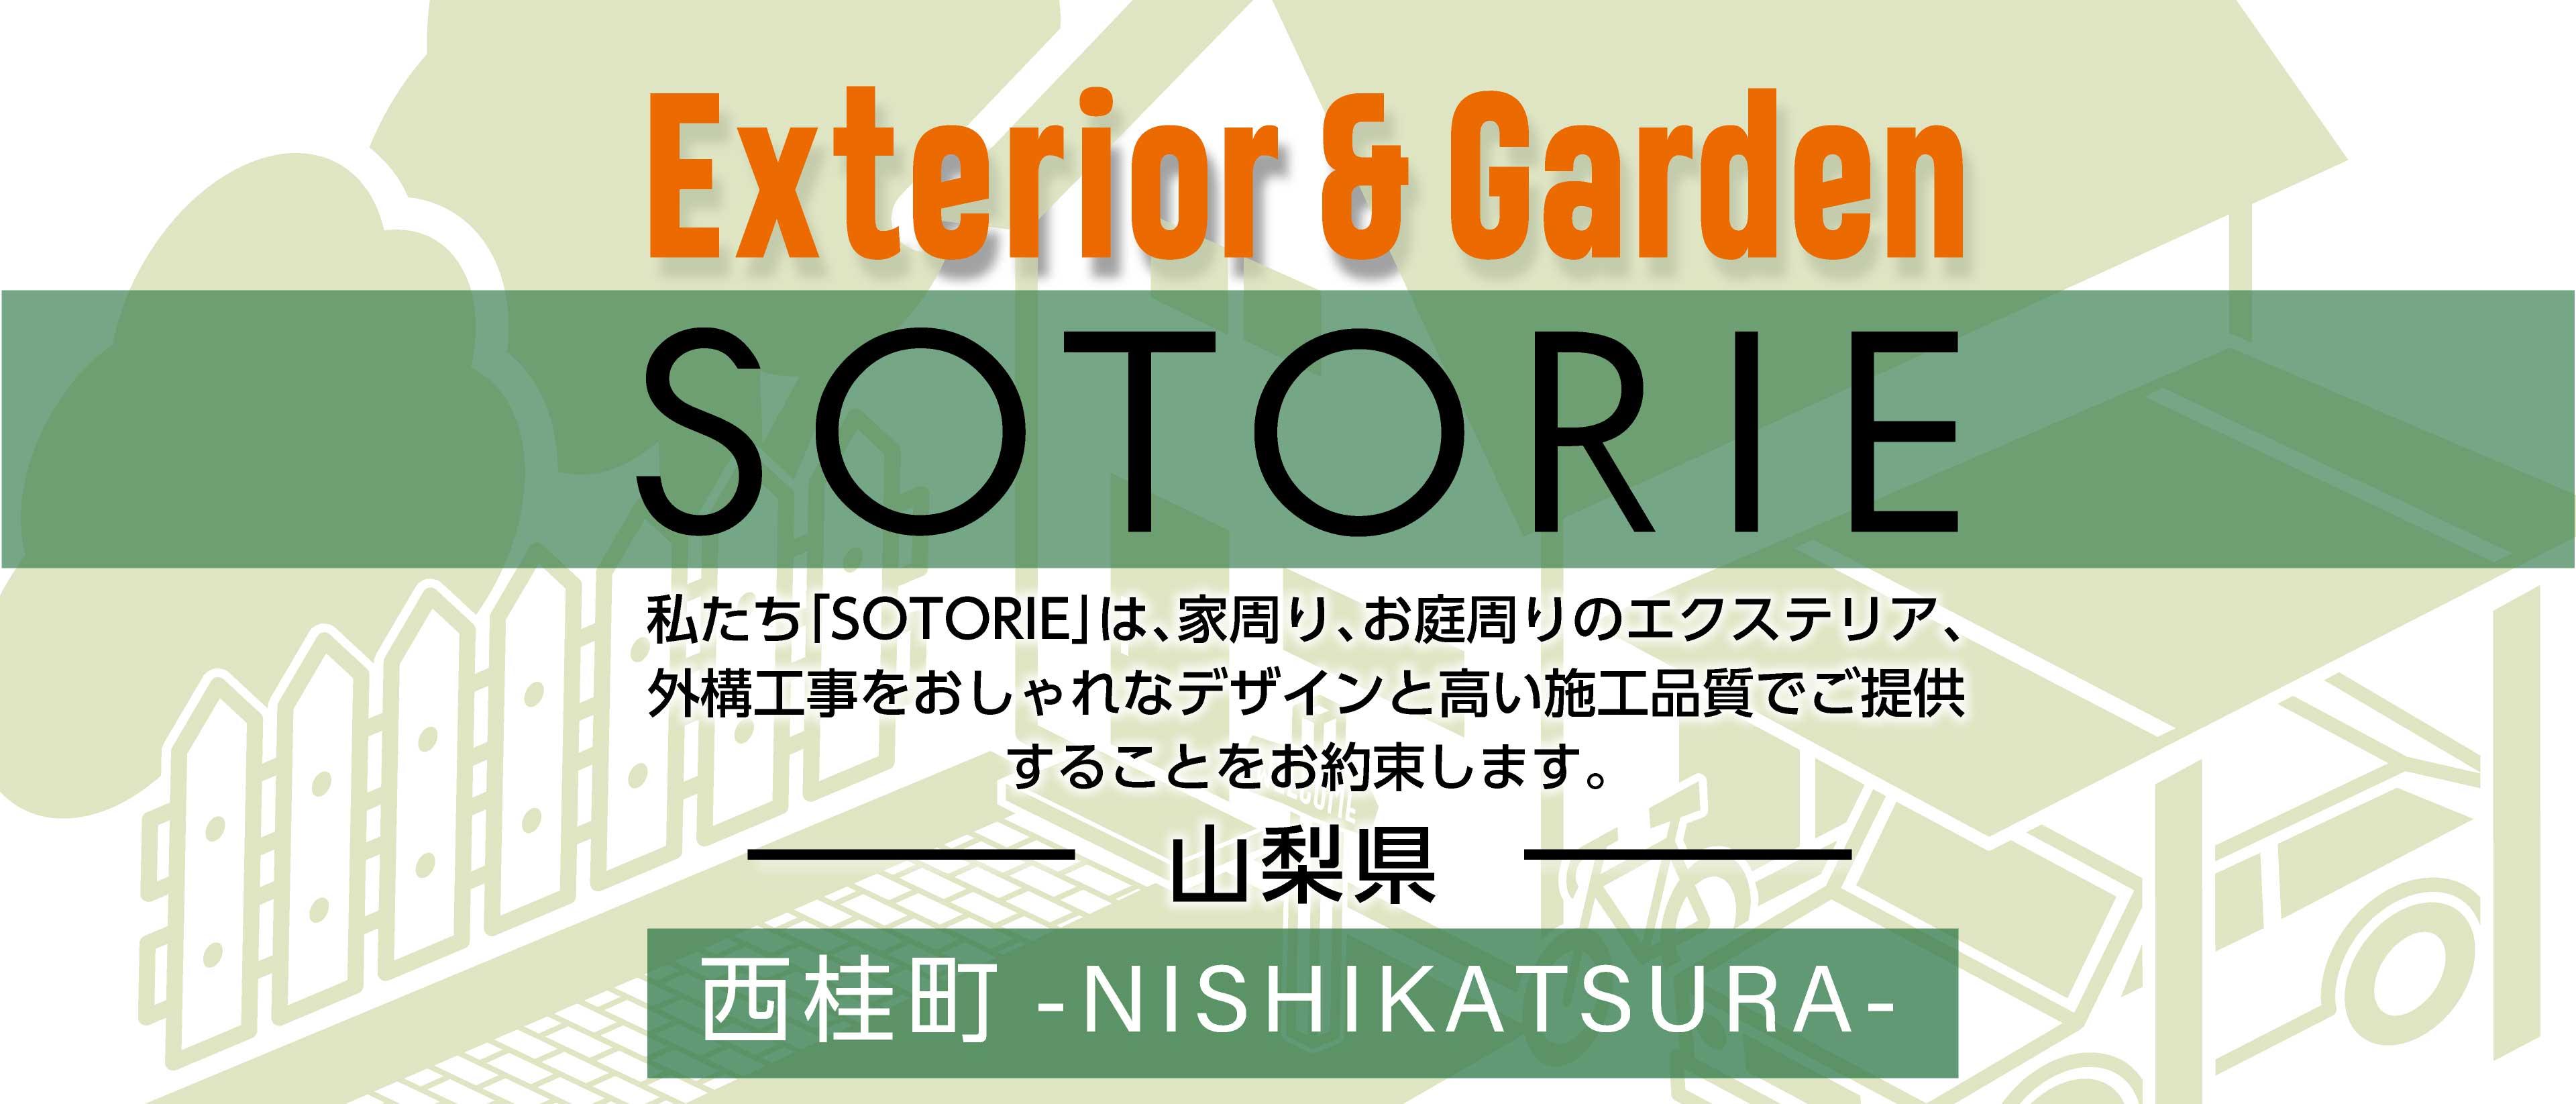 ソトリエ西桂町では、家周りと庭周りの外構、エクステリア工事をおしゃれなデザインと高い施工品質でご提供することをお約束します。